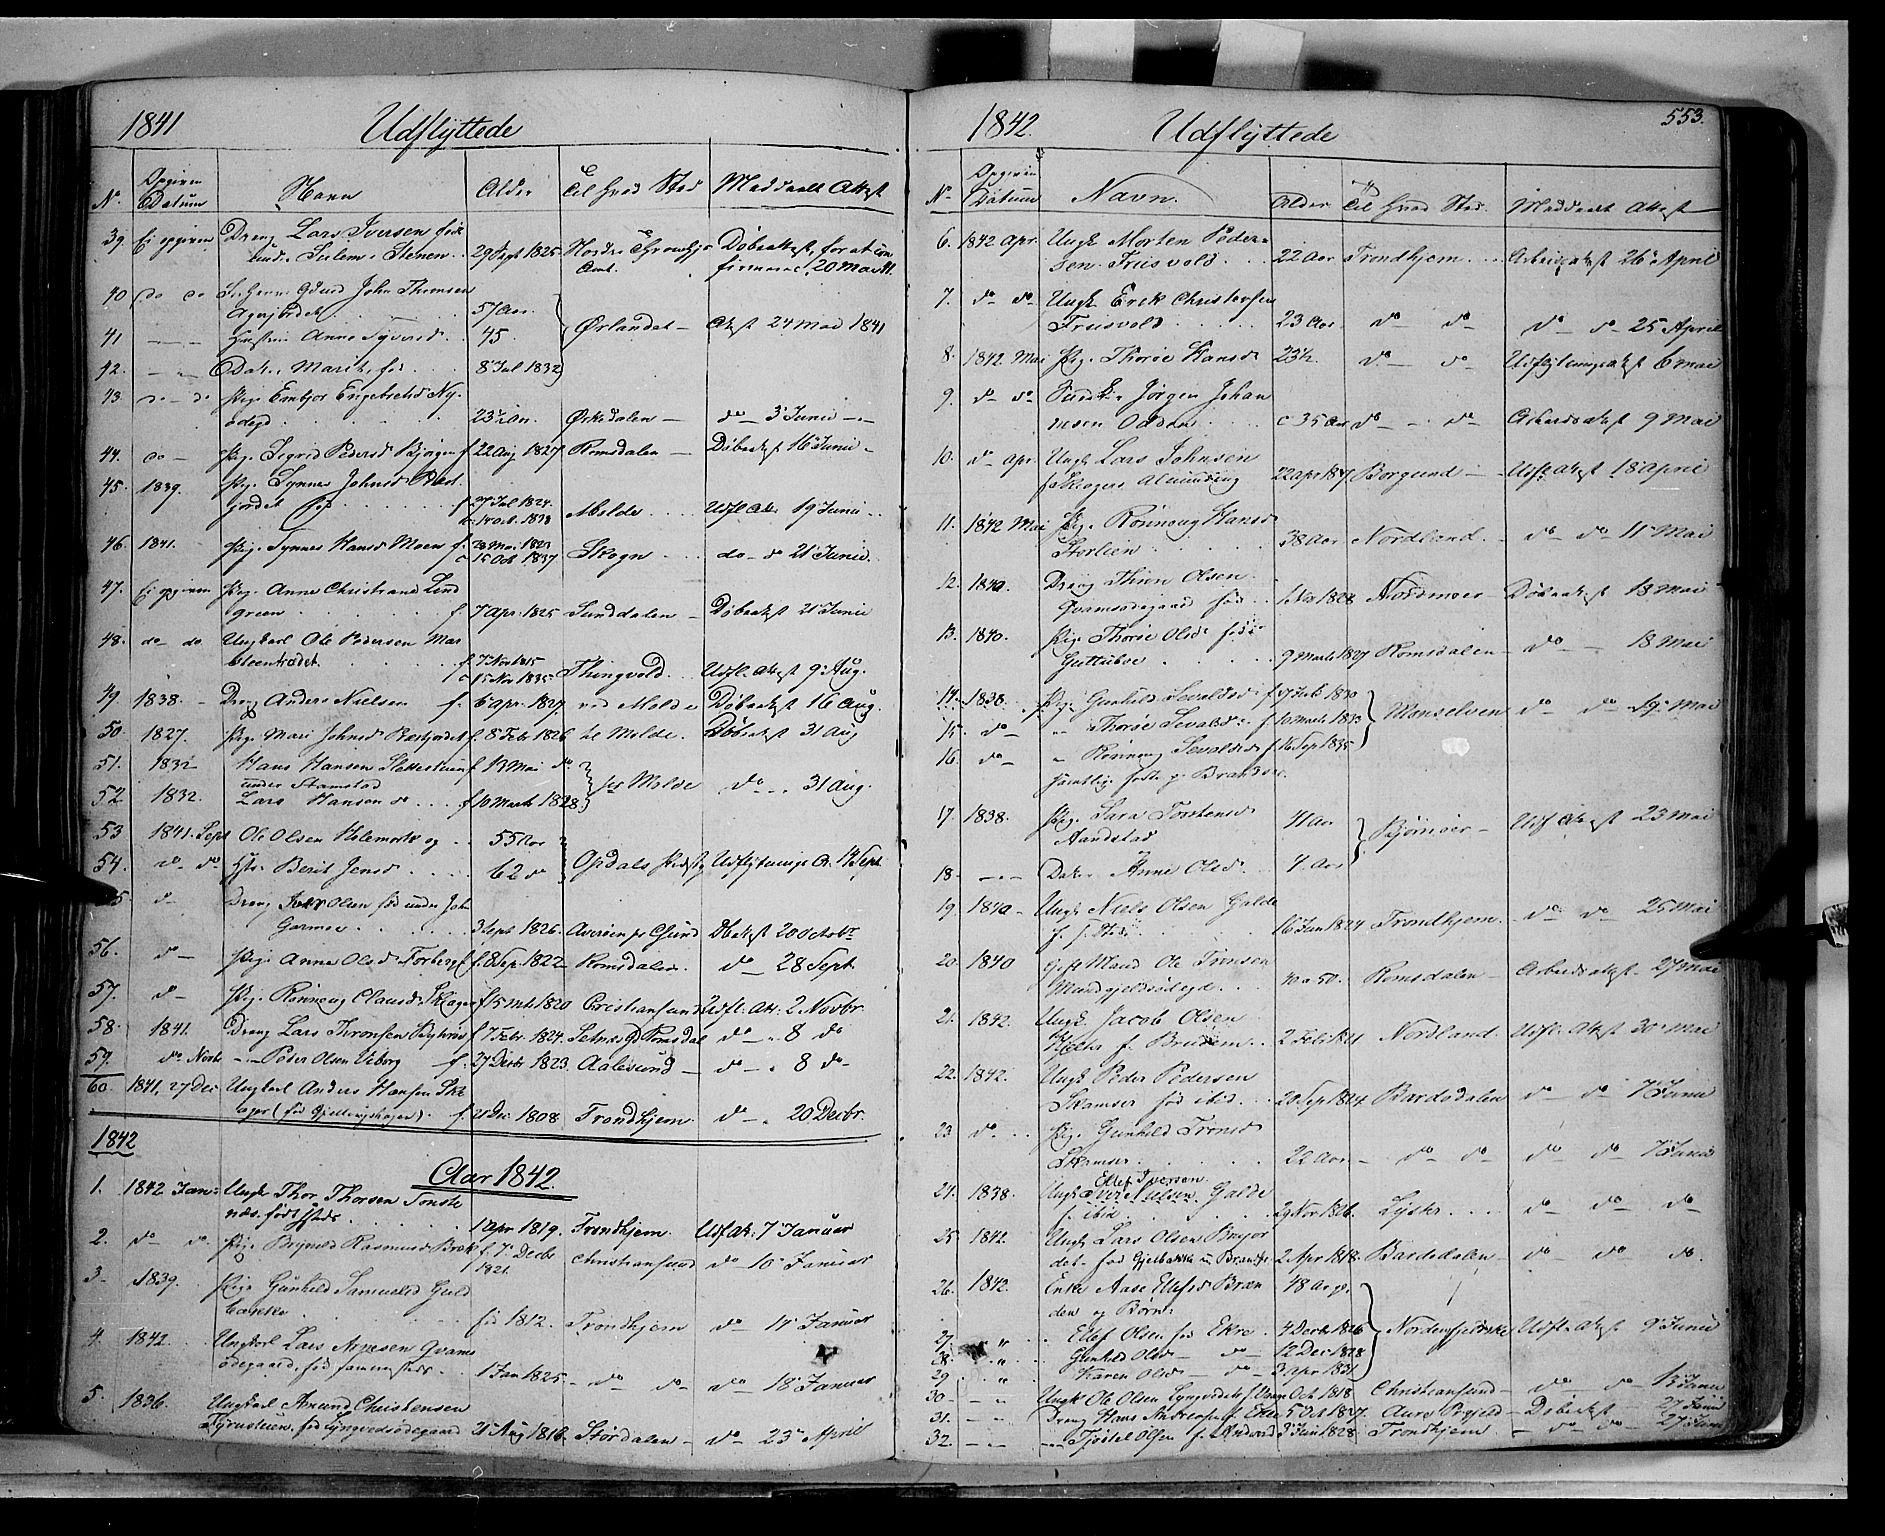 SAH, Lom prestekontor, K/L0006: Ministerialbok nr. 6B, 1837-1863, s. 553